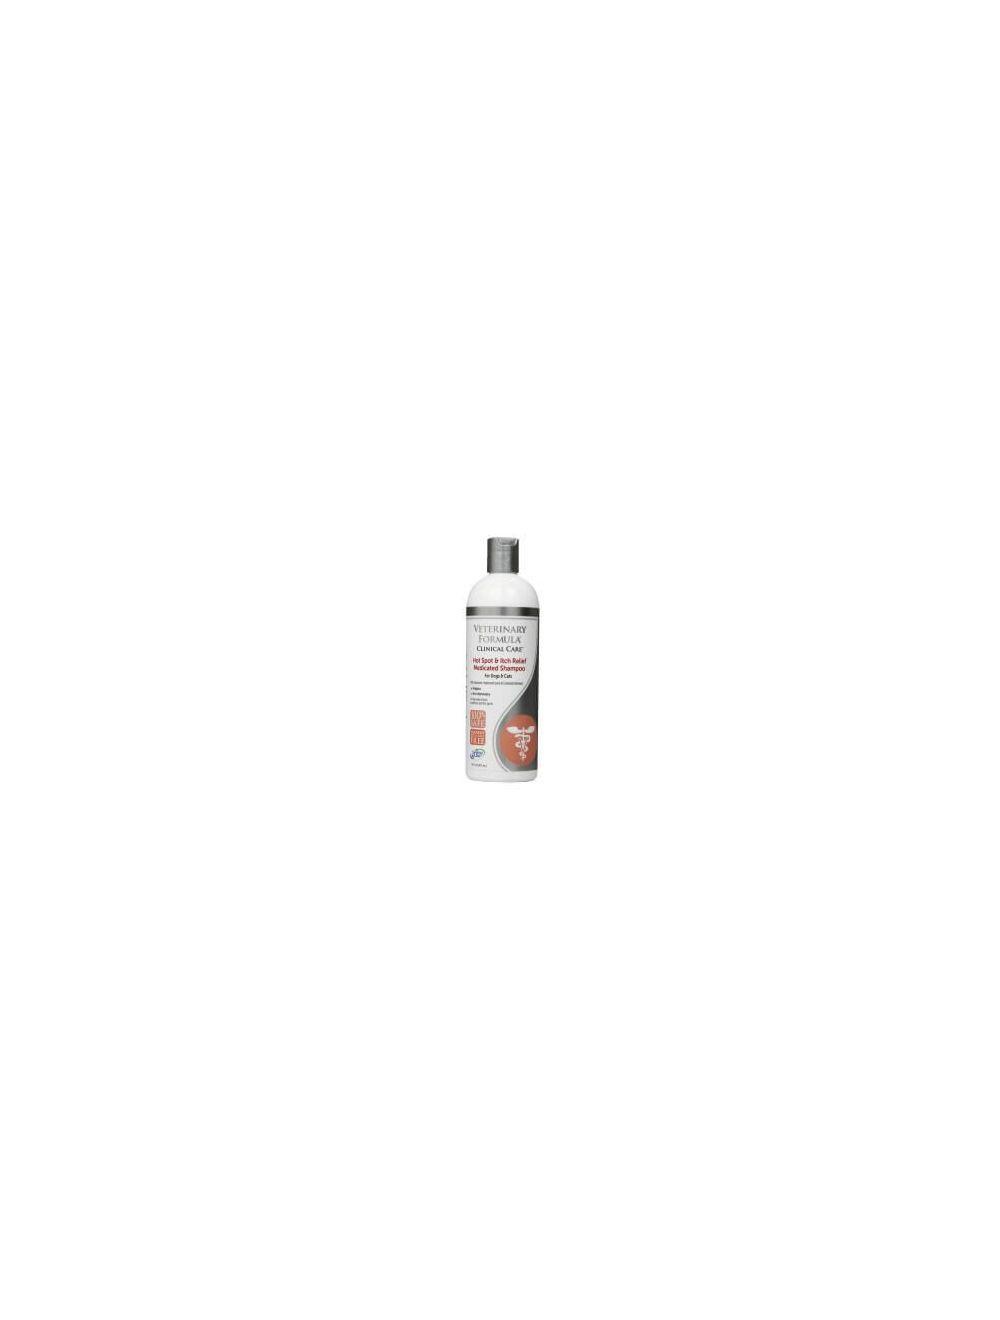 Veterinary Formula Shampoo ITCH RELIEF 16 OZ